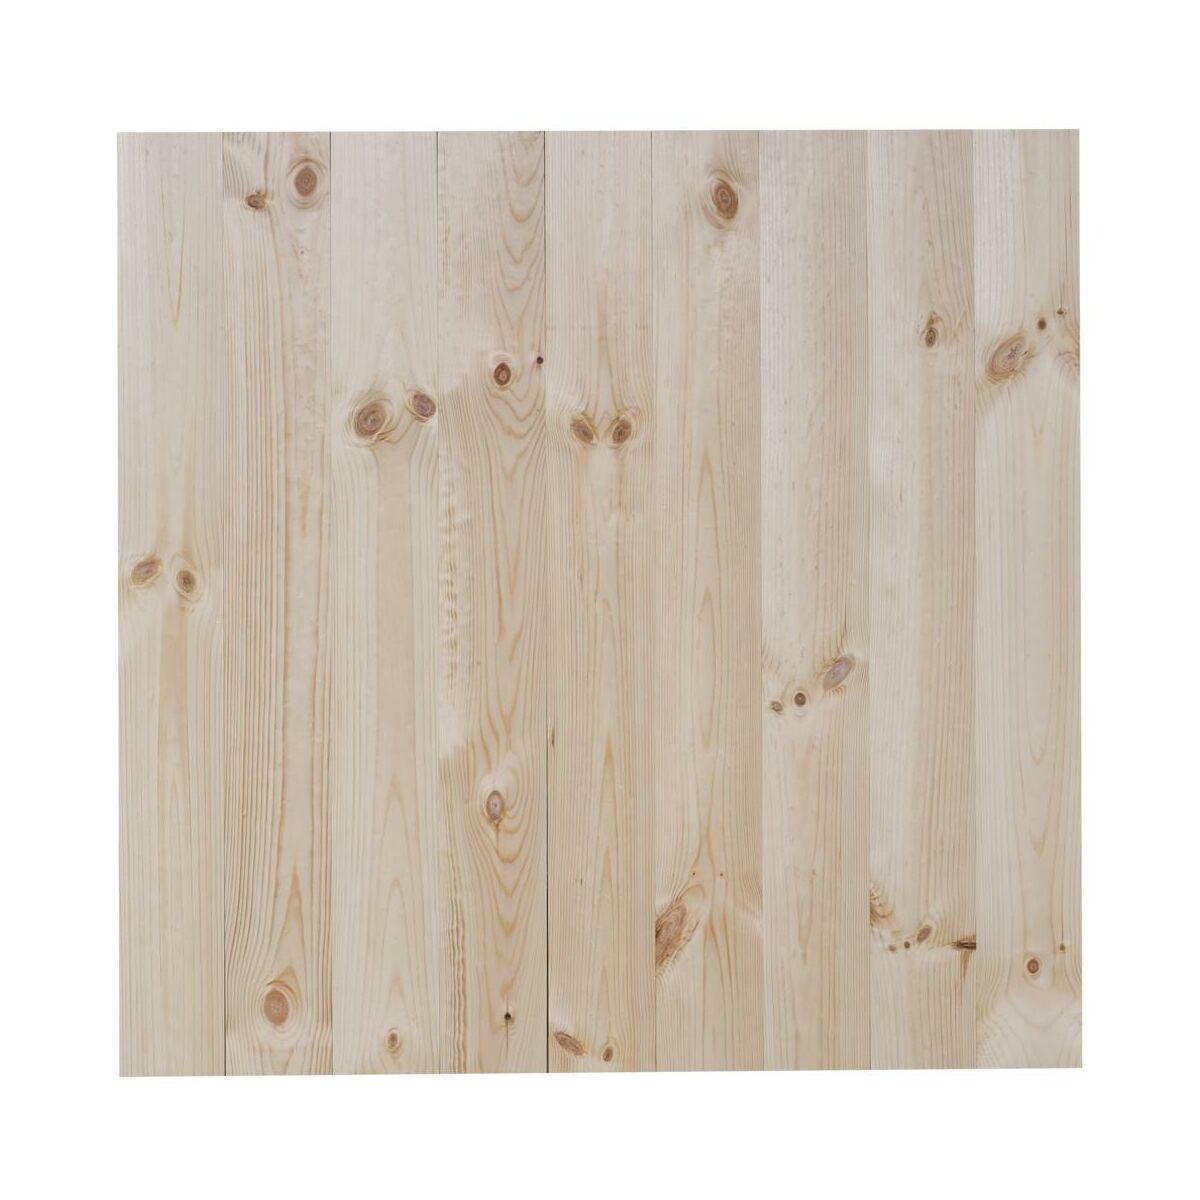 Deska Lita Sosna Rustic 1 Lamelowa Surowa 20 Mm Floorpol Deski Podlogowe W Atrakcyjnej Cenie W Sklepach Leroy Merlin